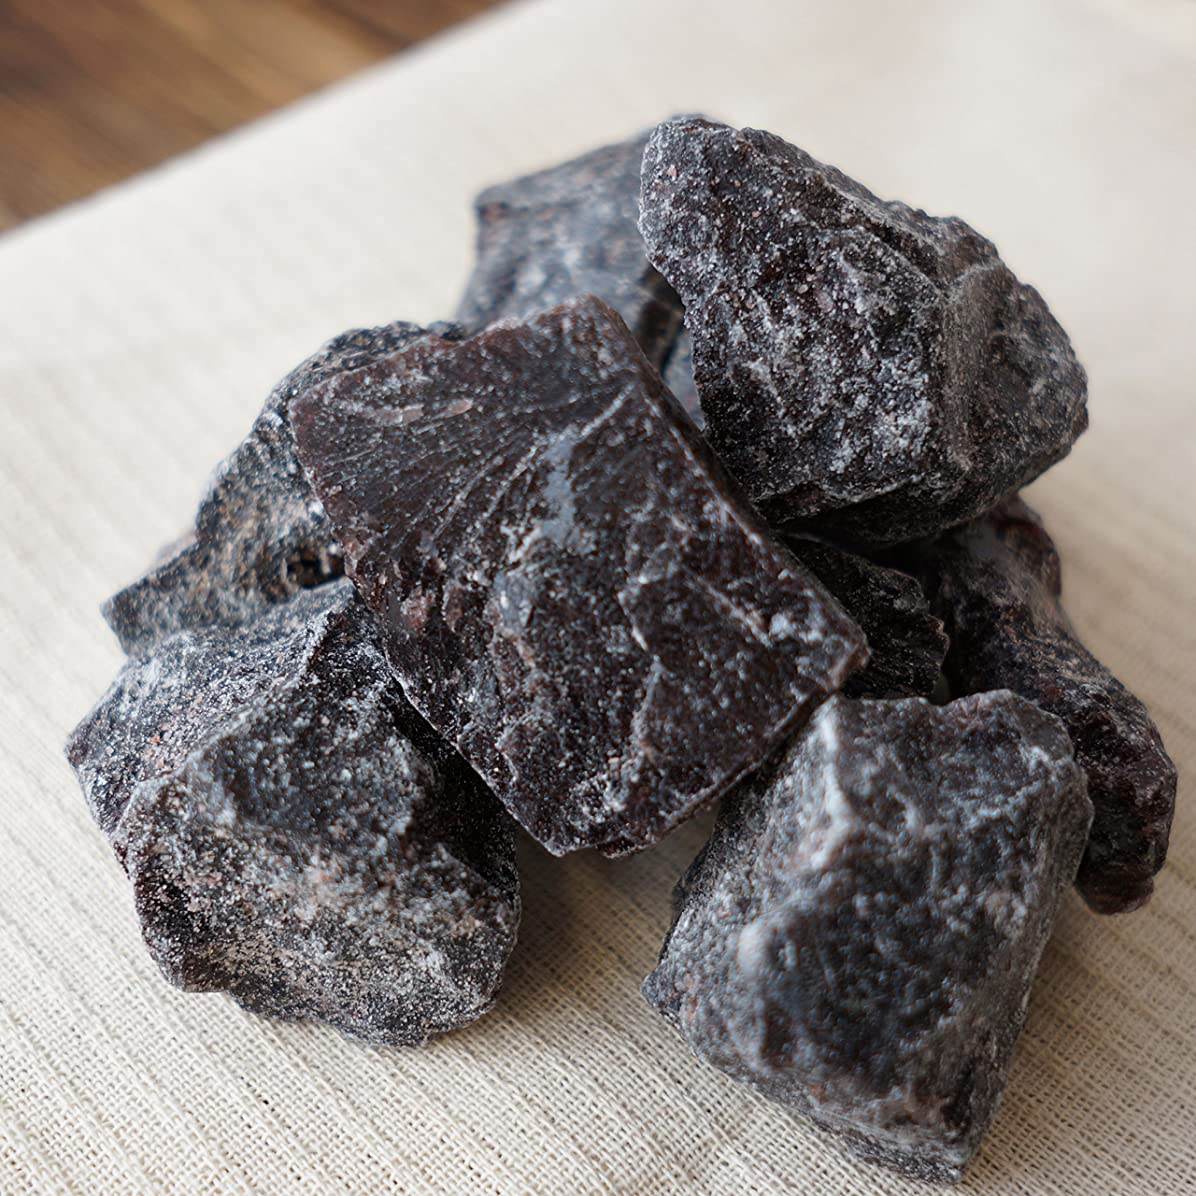 暴行スポンサー大騒ぎ希少 インド岩塩 ルビー ブロック 約2-5cm 20kg 20,000g 原料